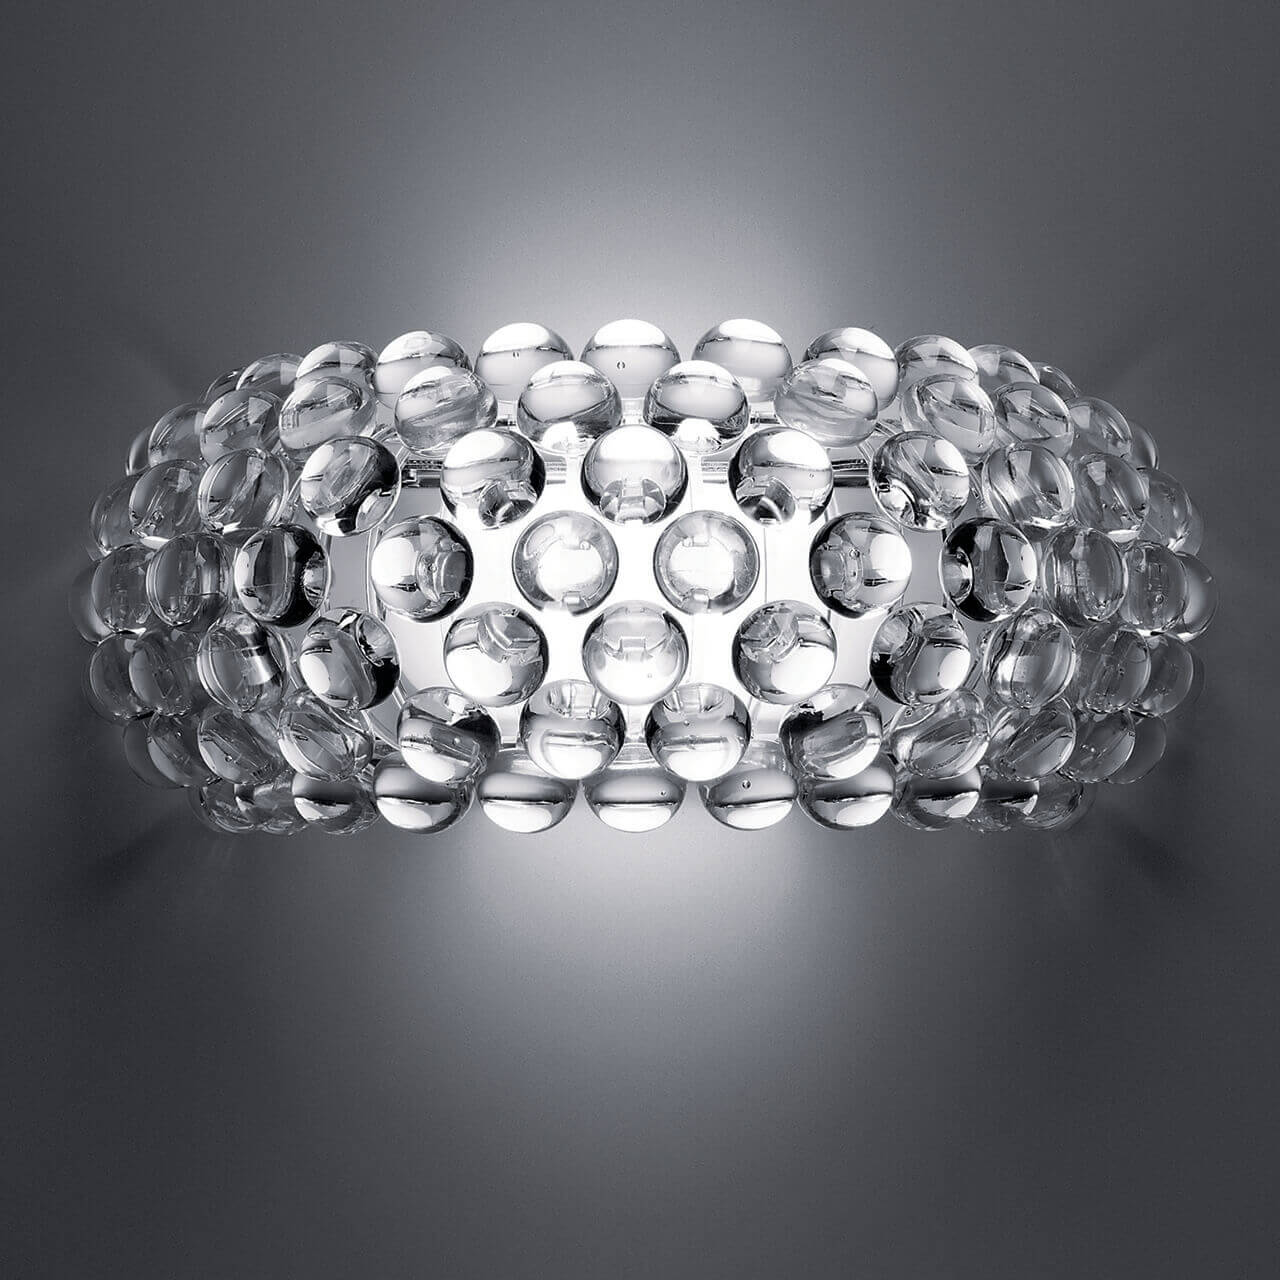 Настенный светильник Artpole Tau 001220 бра 001220 artpole